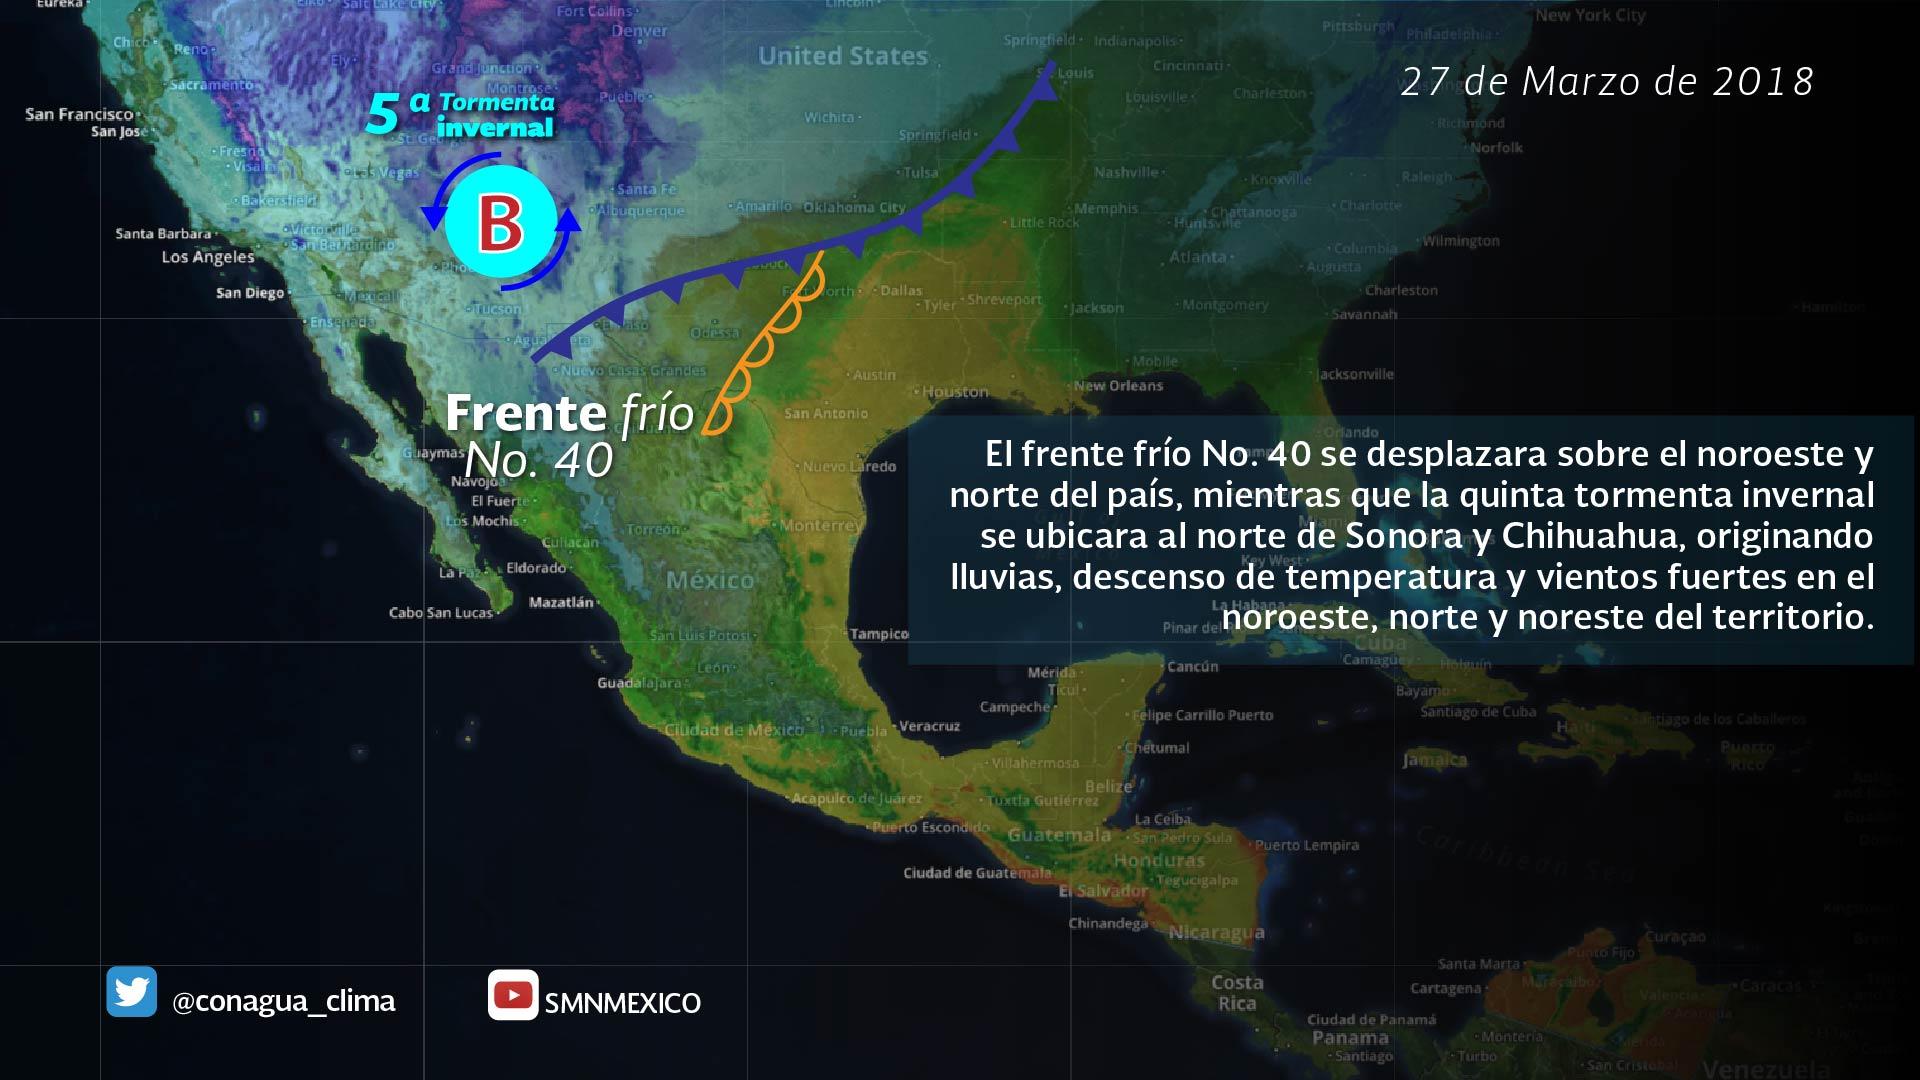 Se prevén lluvias, descenso de temperatura y vientos en el noroeste, el norte y el noreste de México